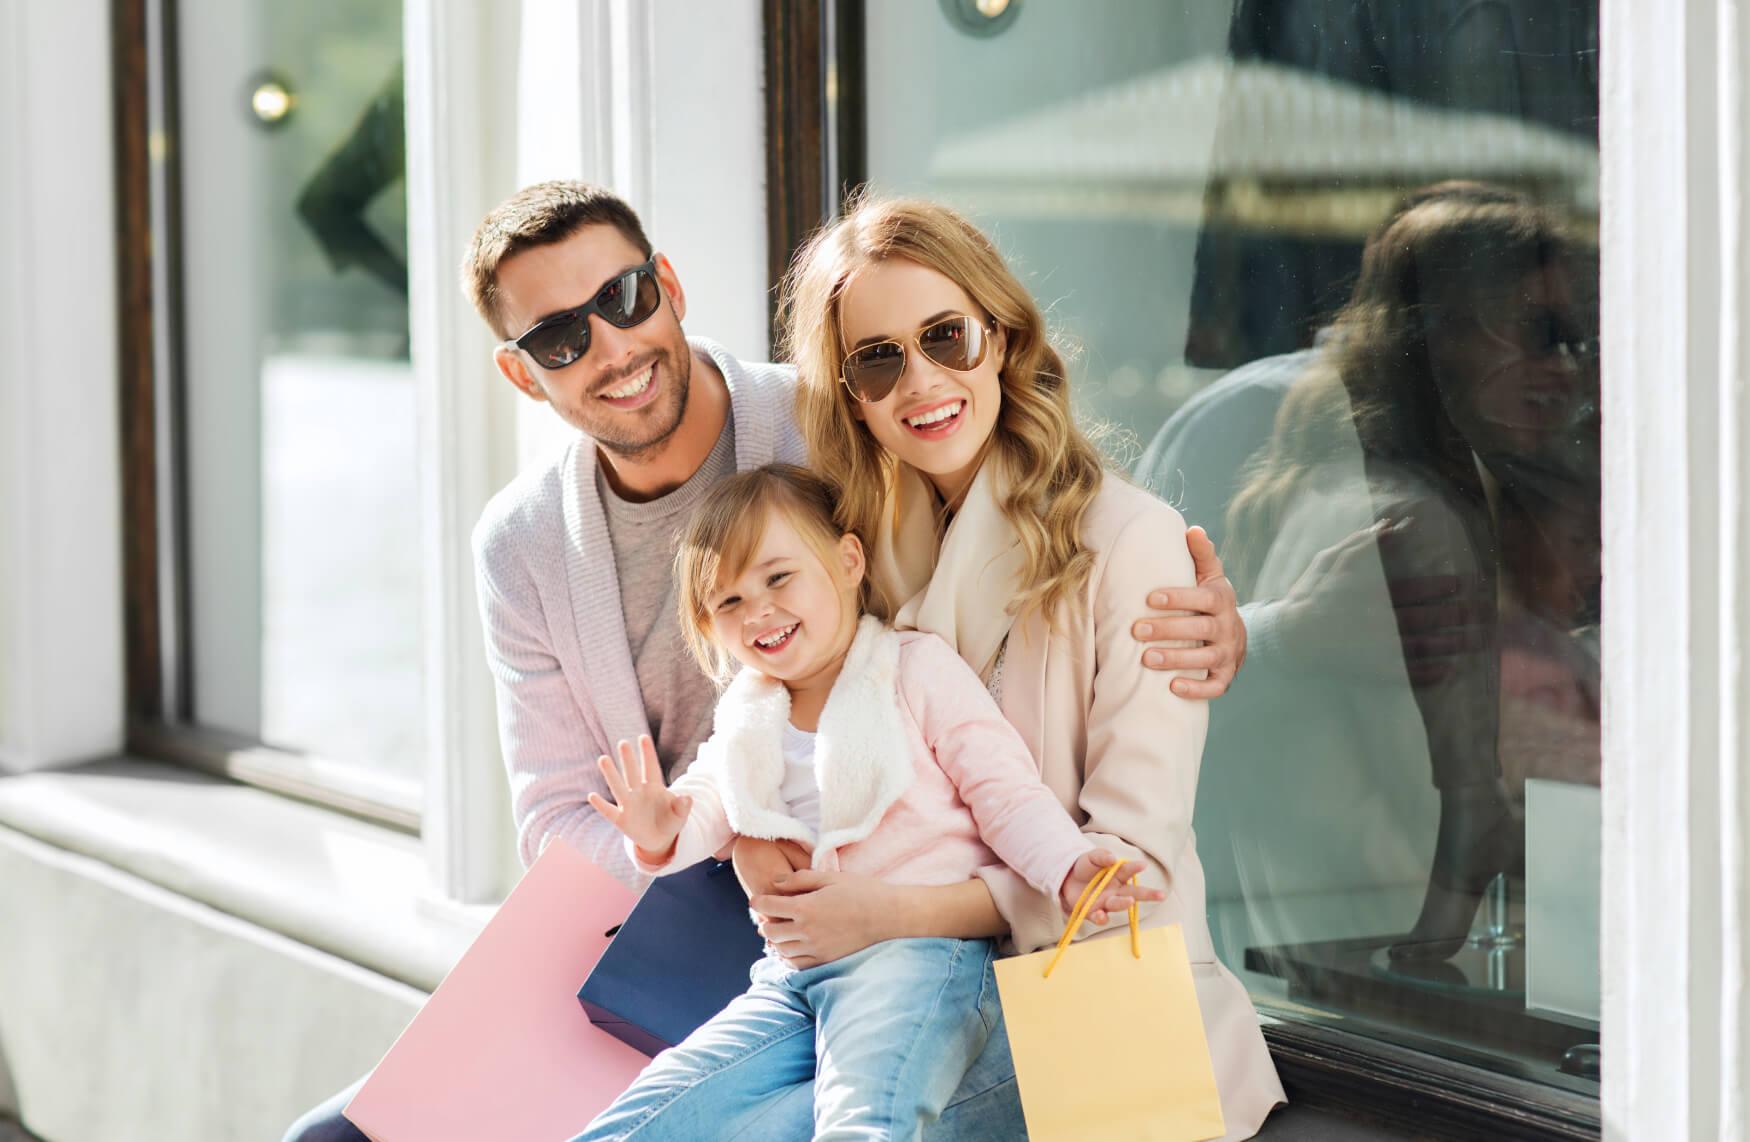 Familie-Freizeit-Einkaufen-Spaß